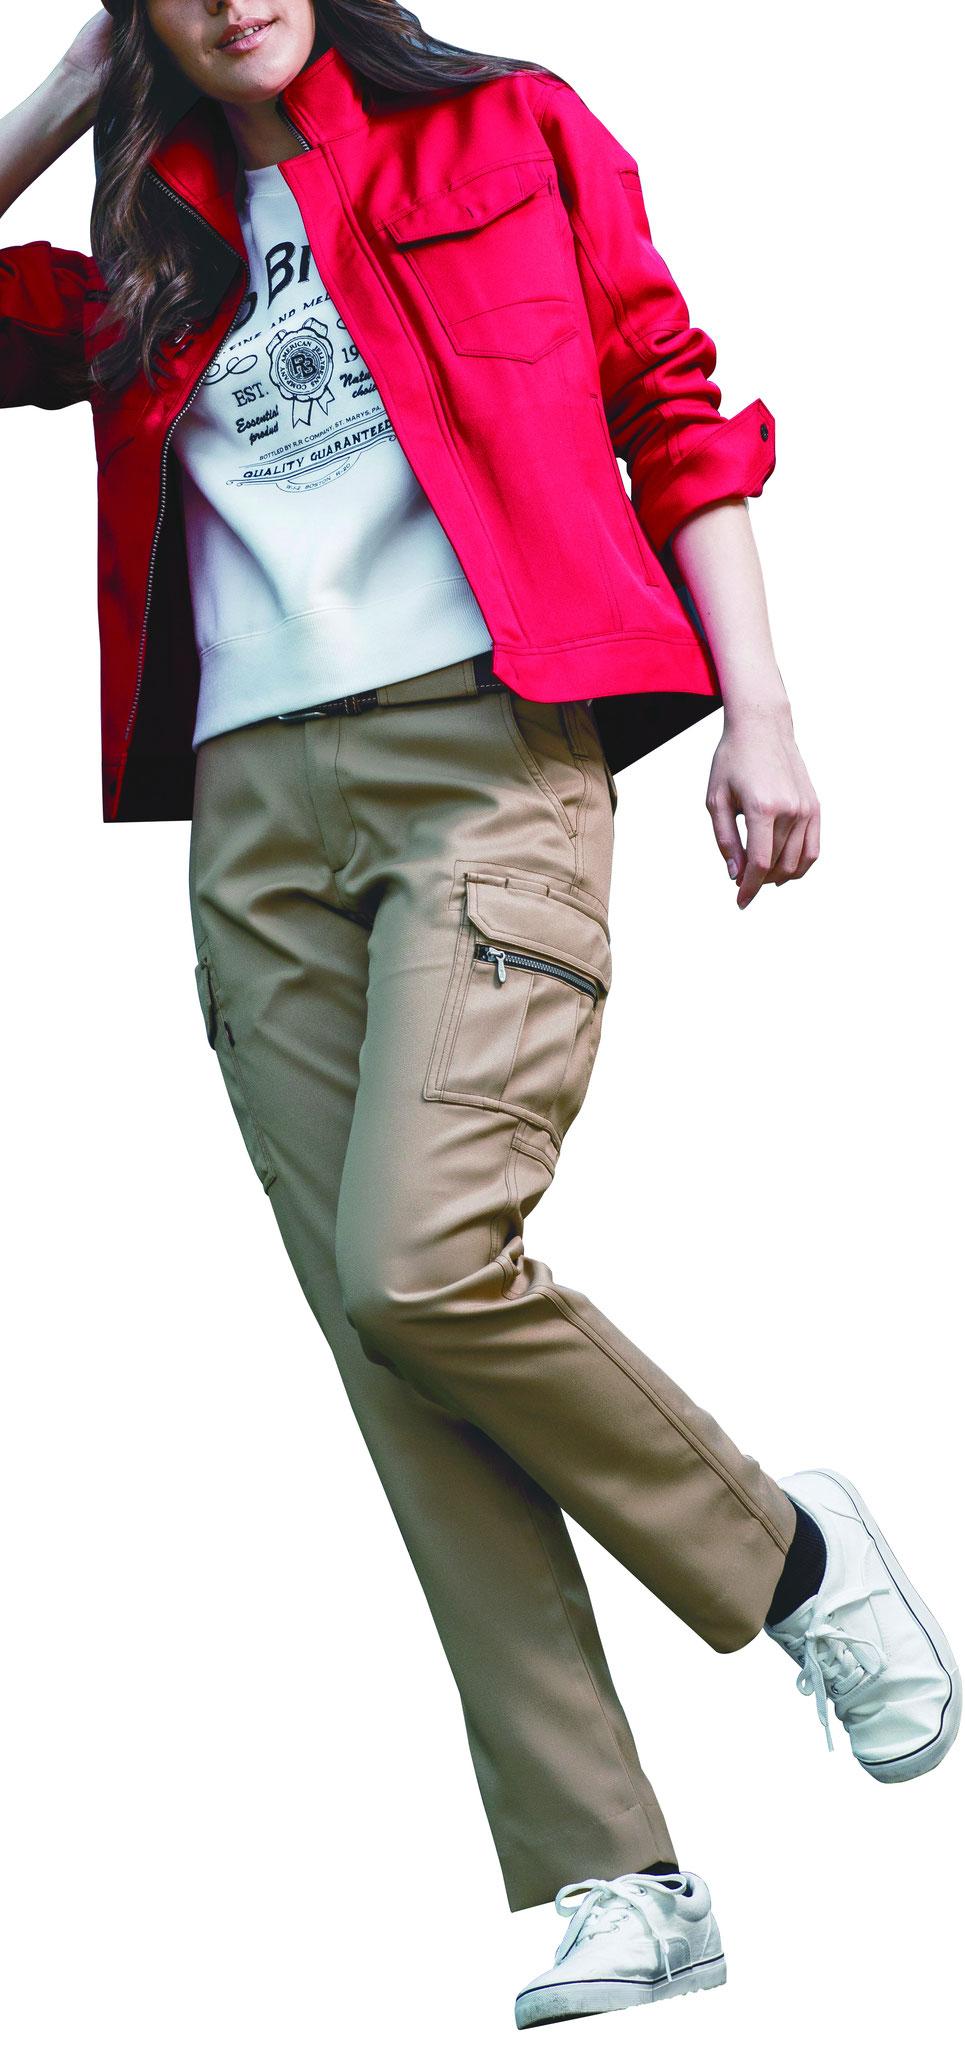 BURTLEバートル~ 7089 レディースカーゴパンツ ¥2,530(税込)サラッと履きやすく、人気です。